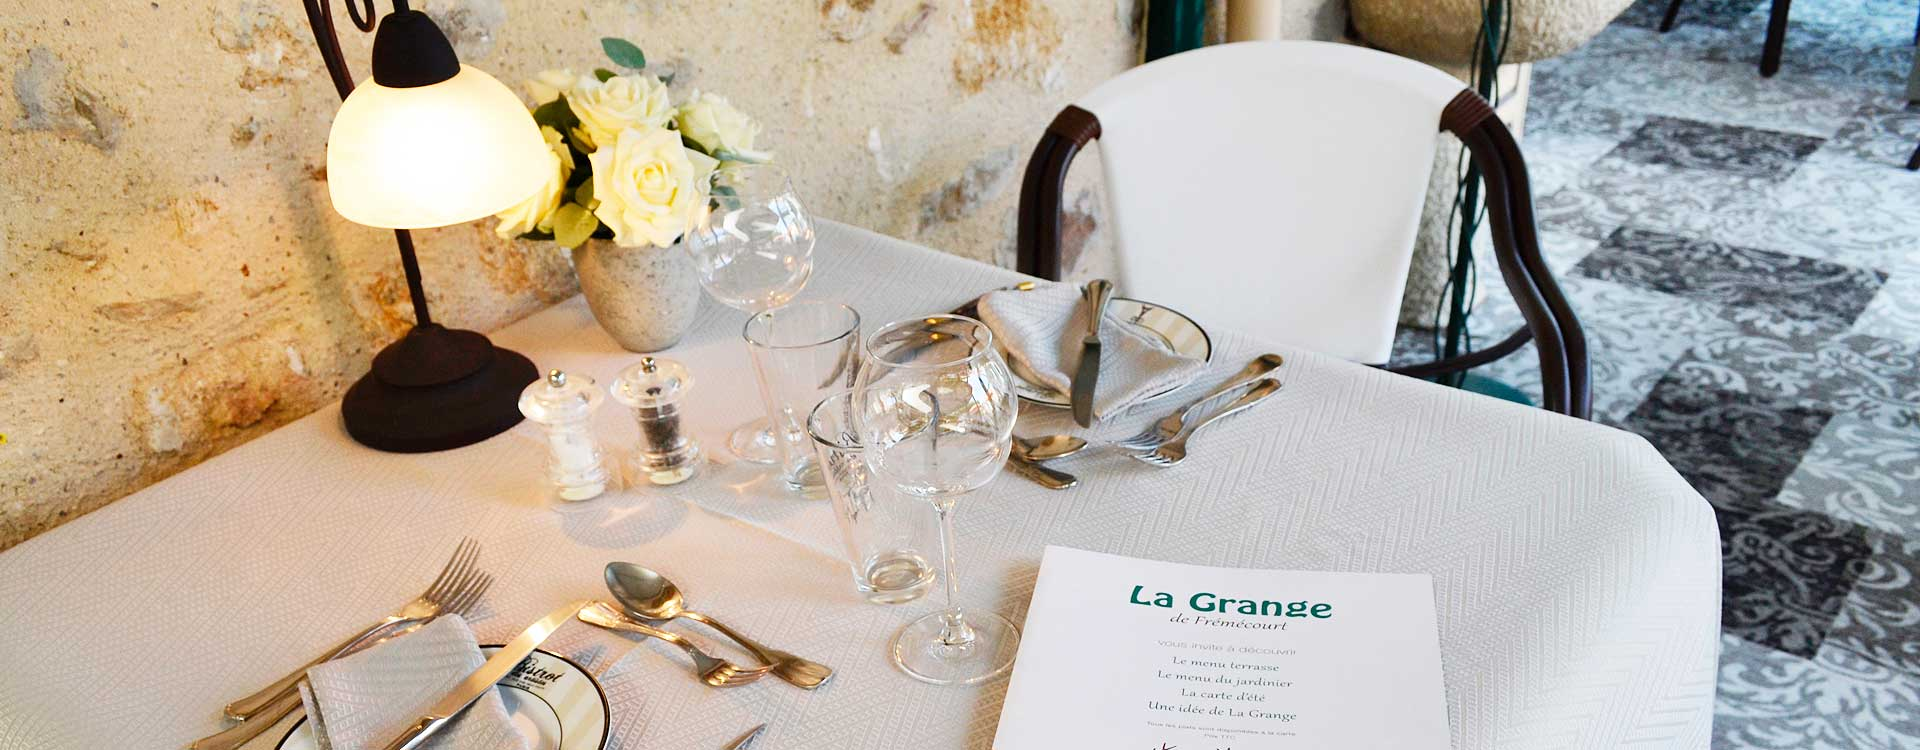 restaurant_laGrange-8